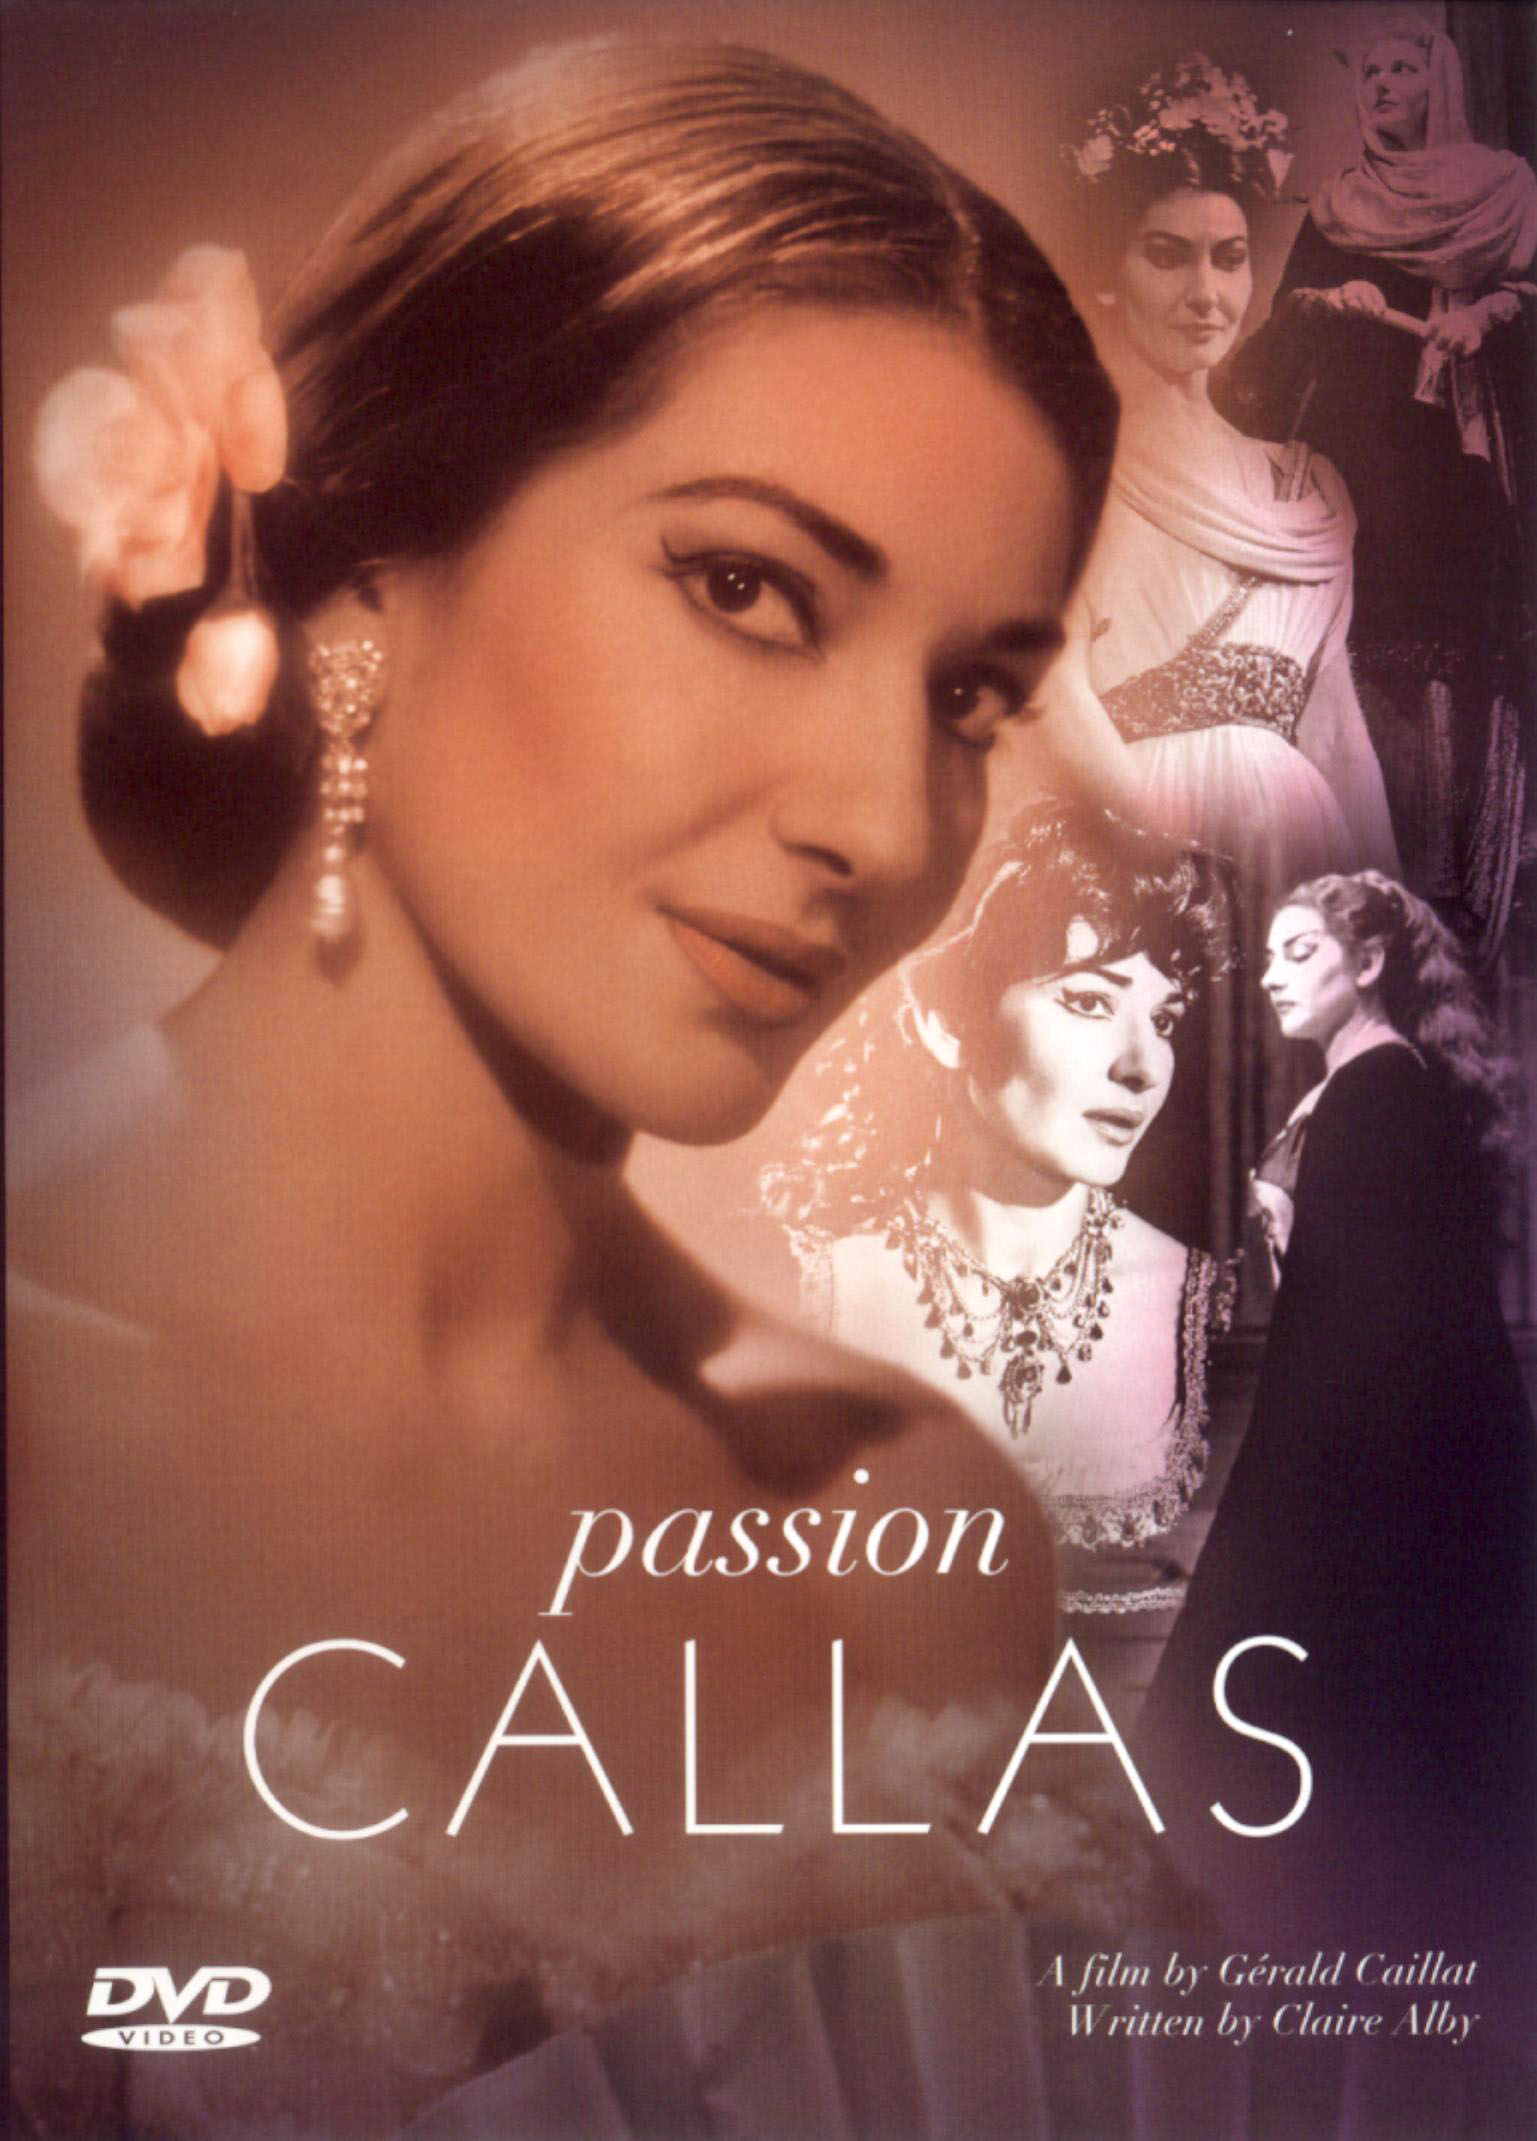 Passion Callas